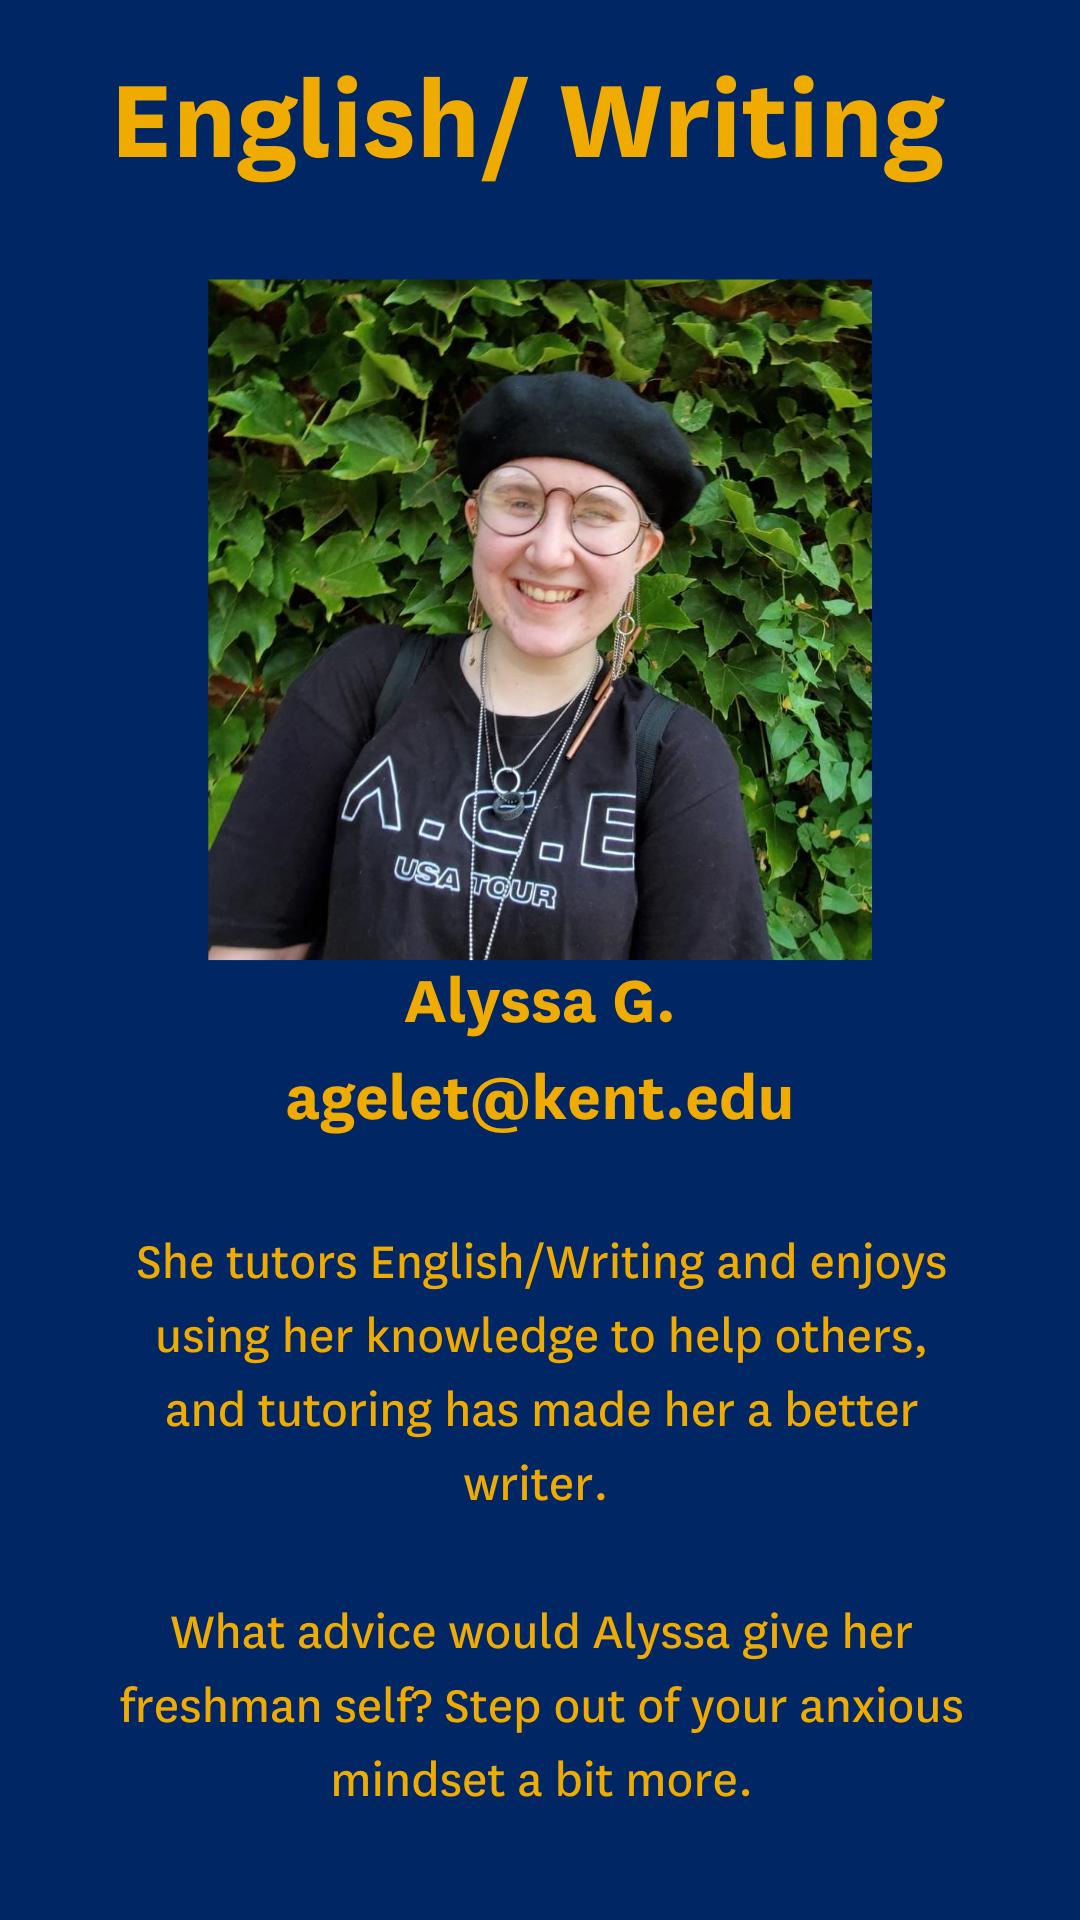 Alyssa Gelet